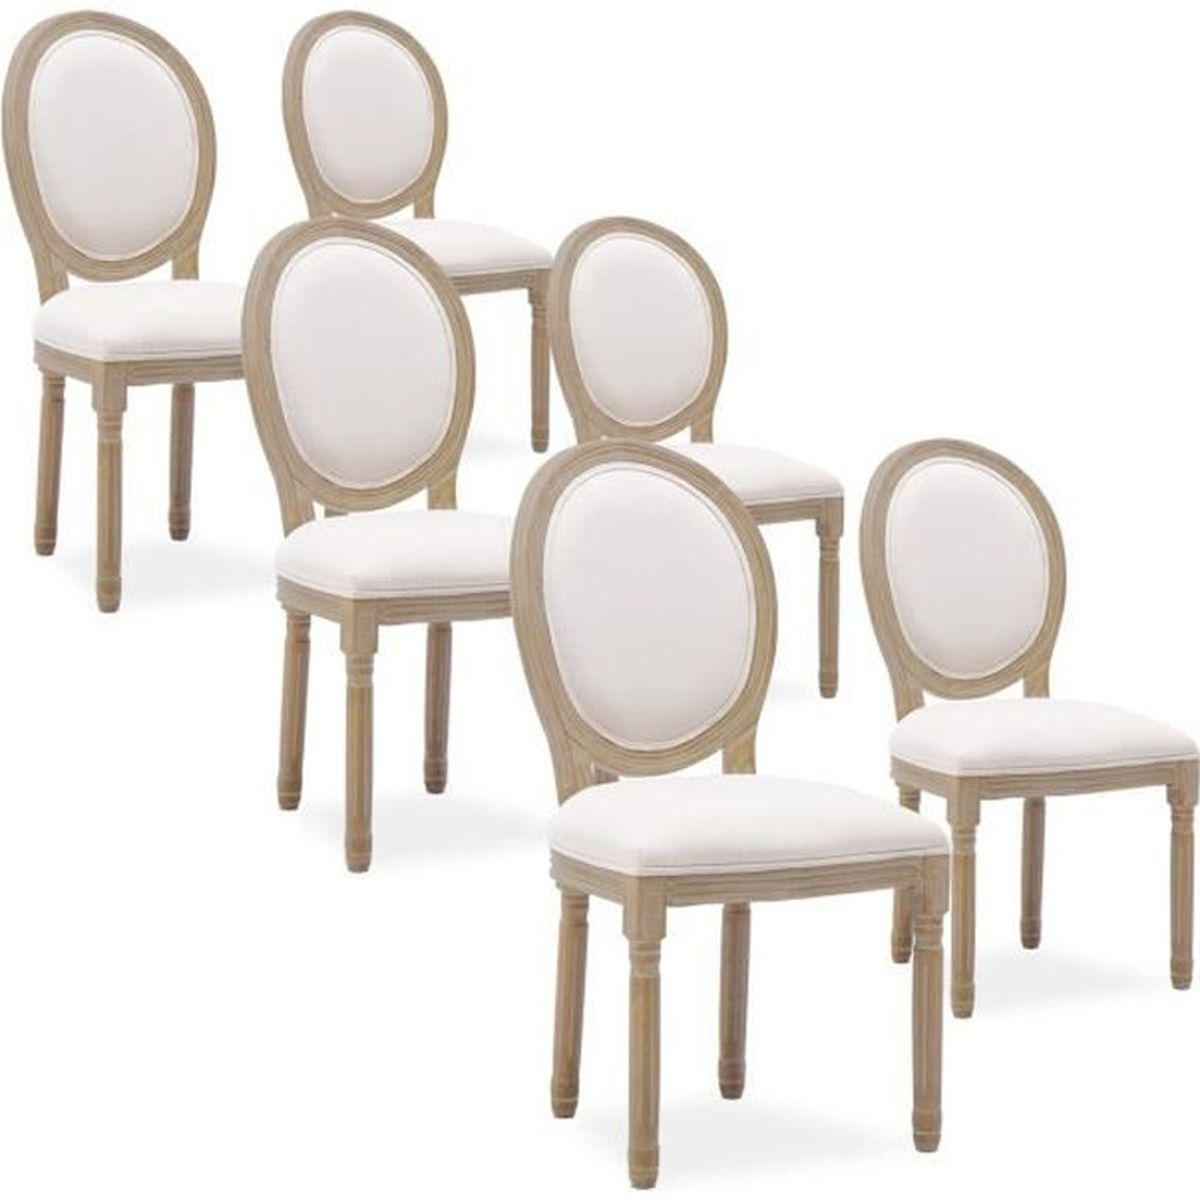 xvi de chaises louis 6 medaillon Lot reBoCxd